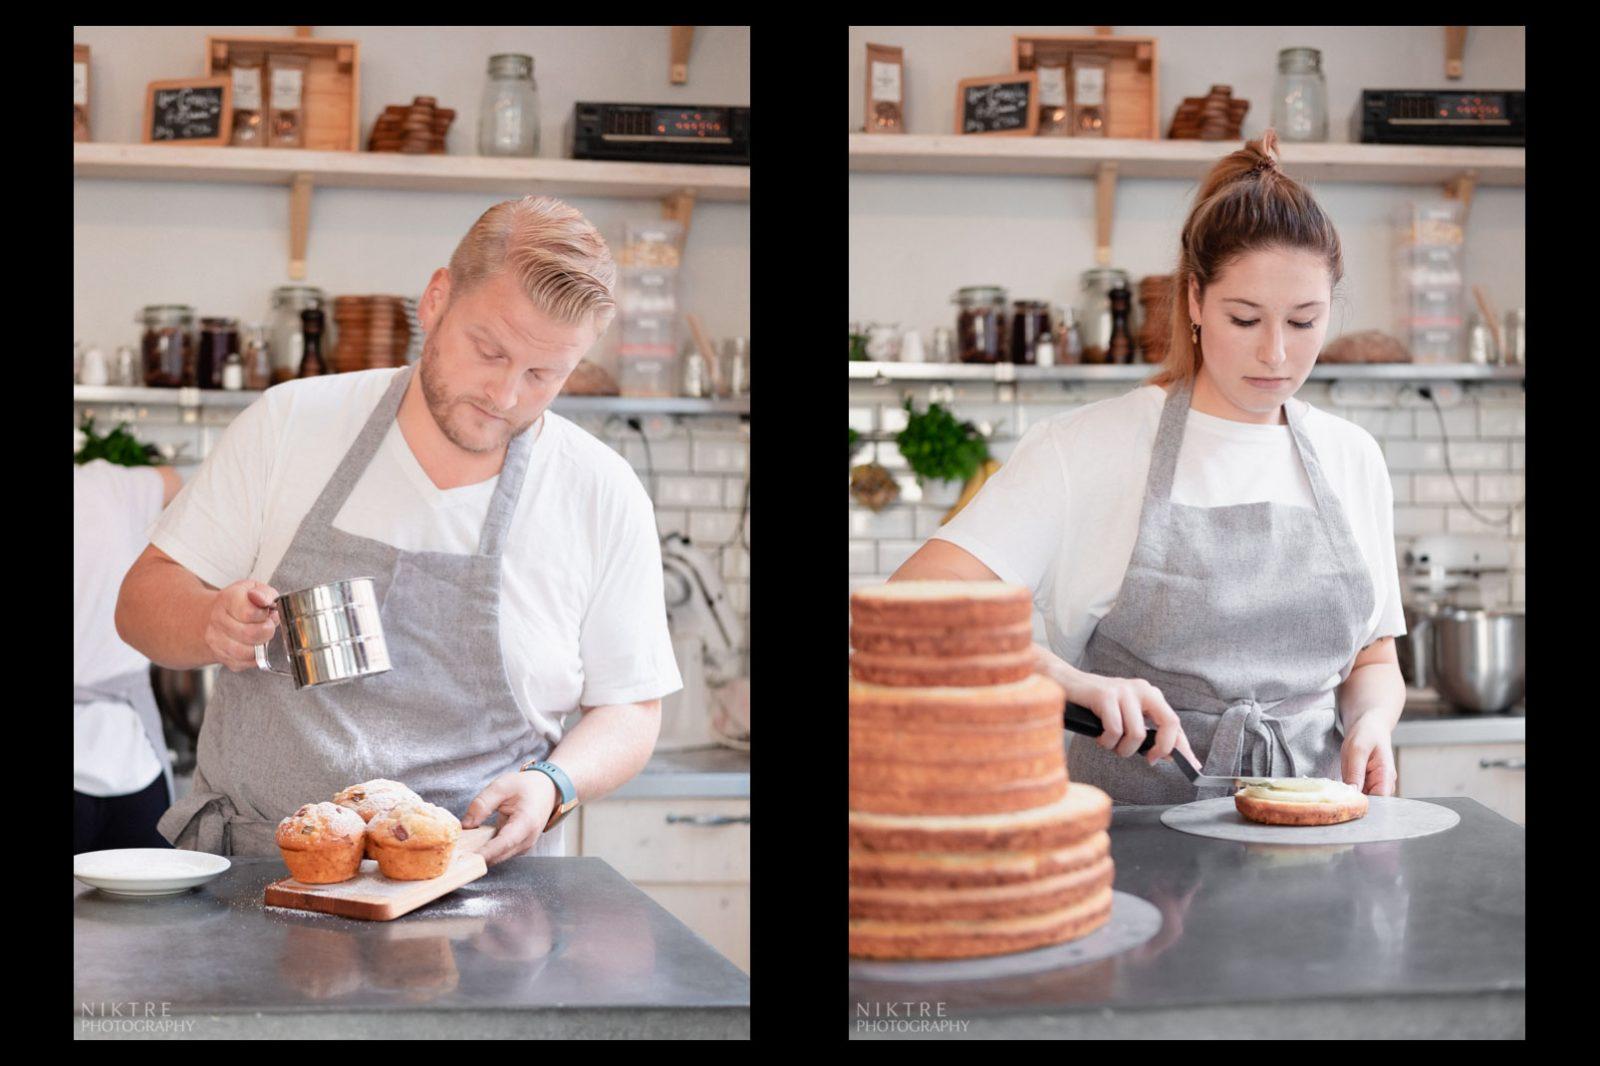 Es wird ein Hochzeitstorte in Mainz gemacht und Muffins dekoriert